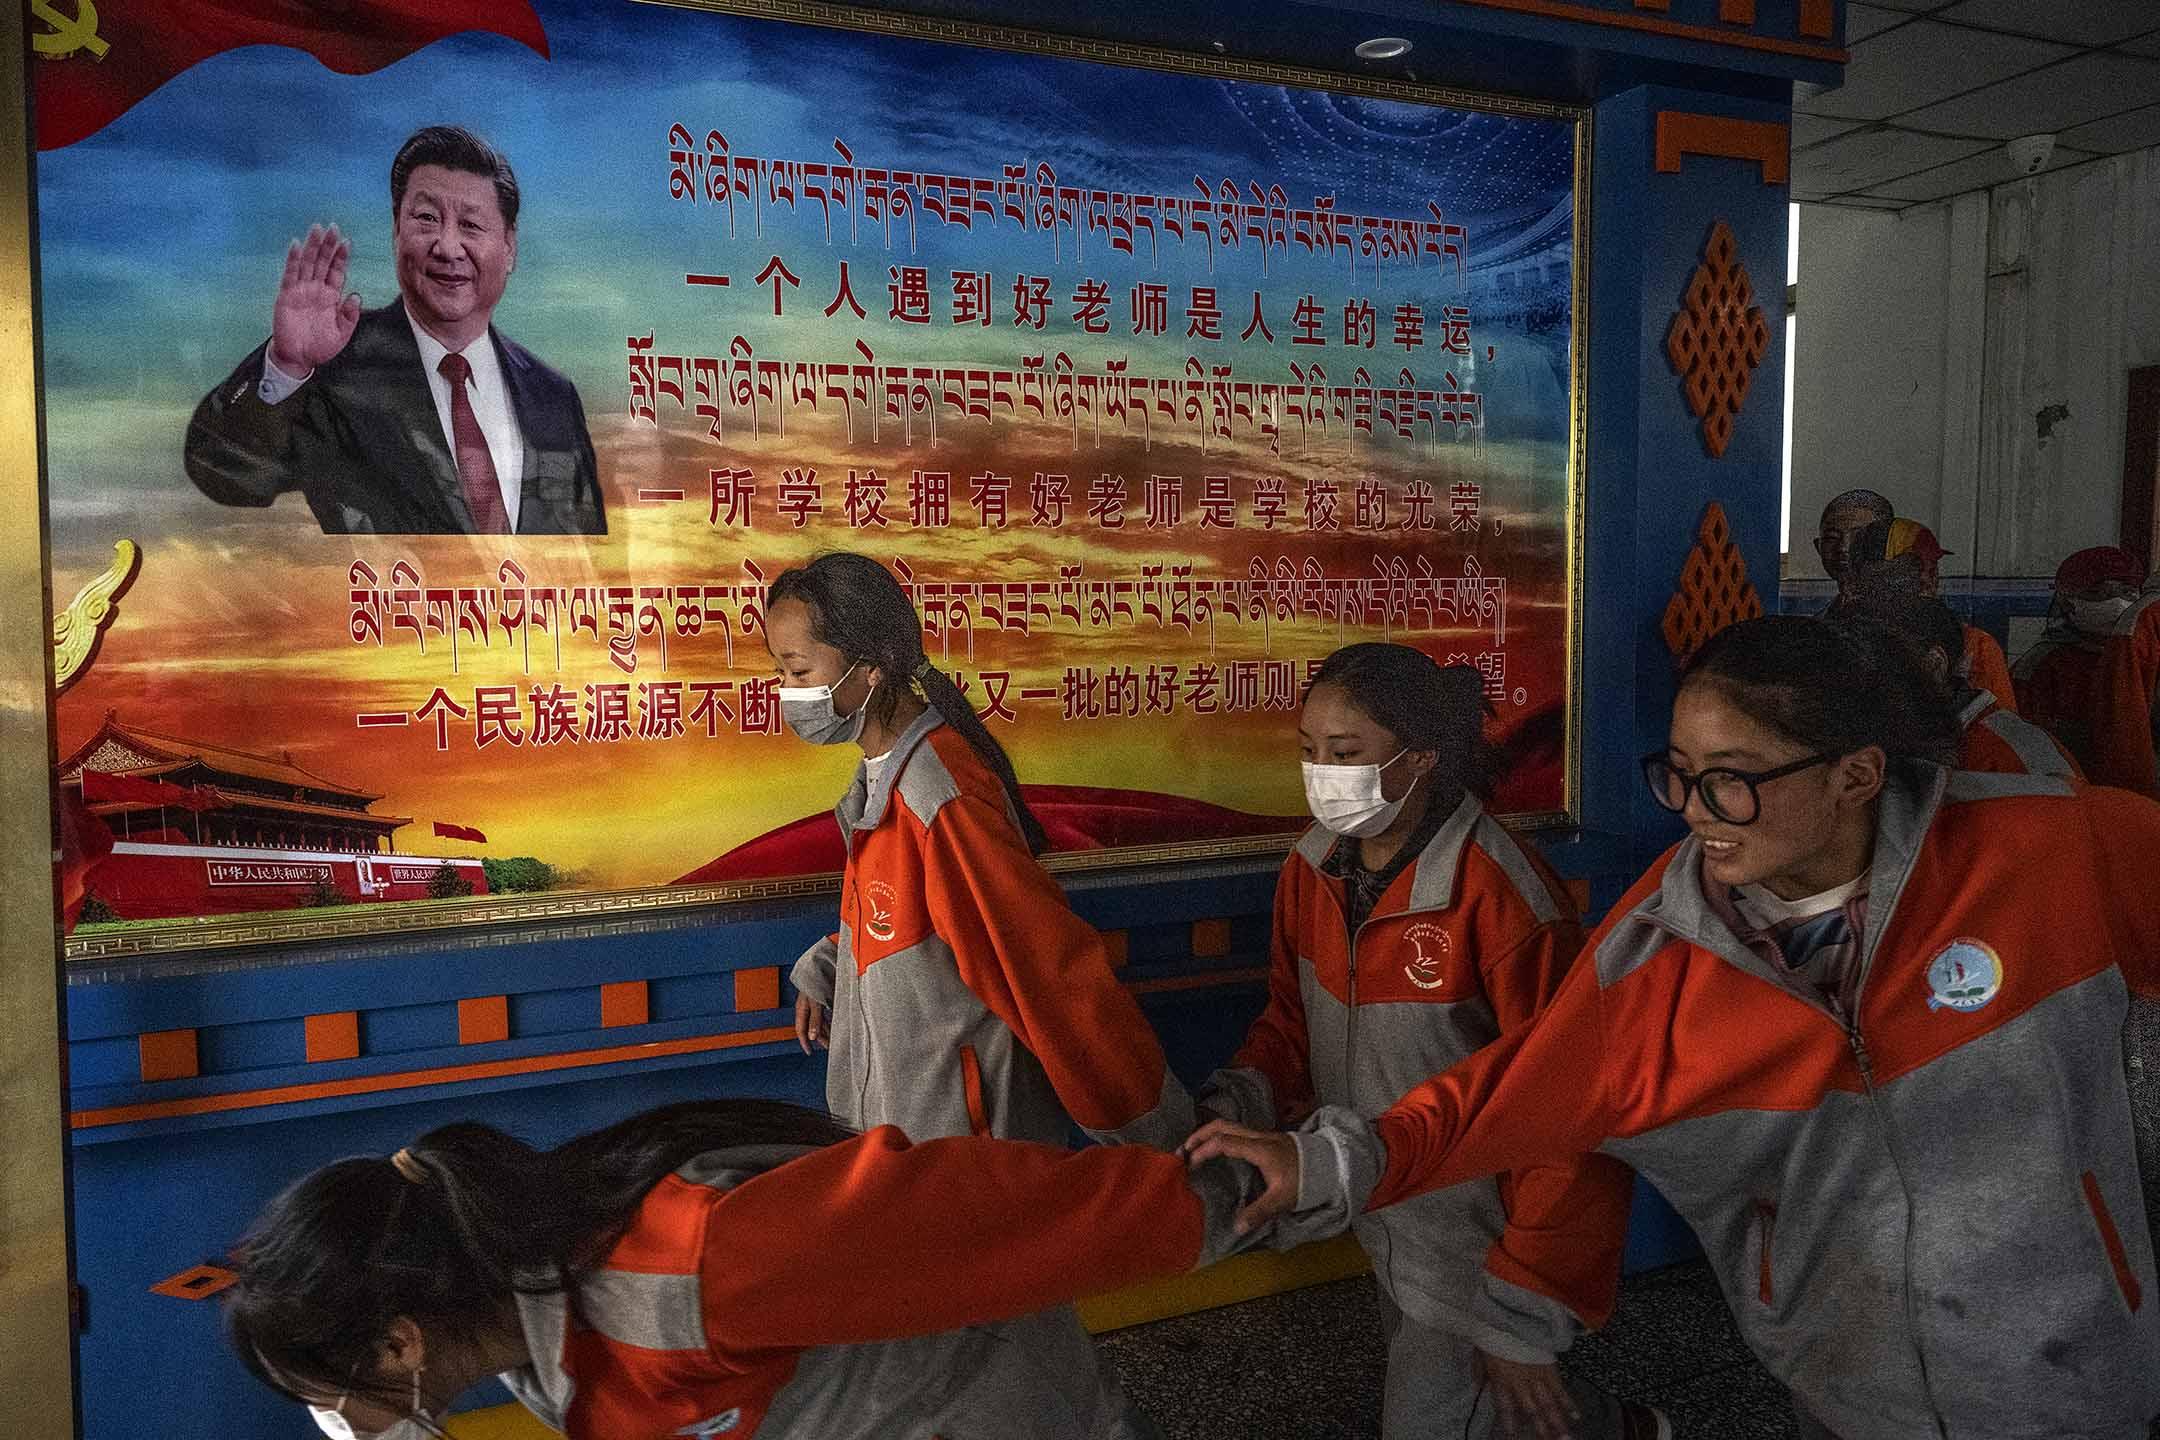 2021年6月1日中國拉薩,西藏學生下課時經過習近平的一張海報。